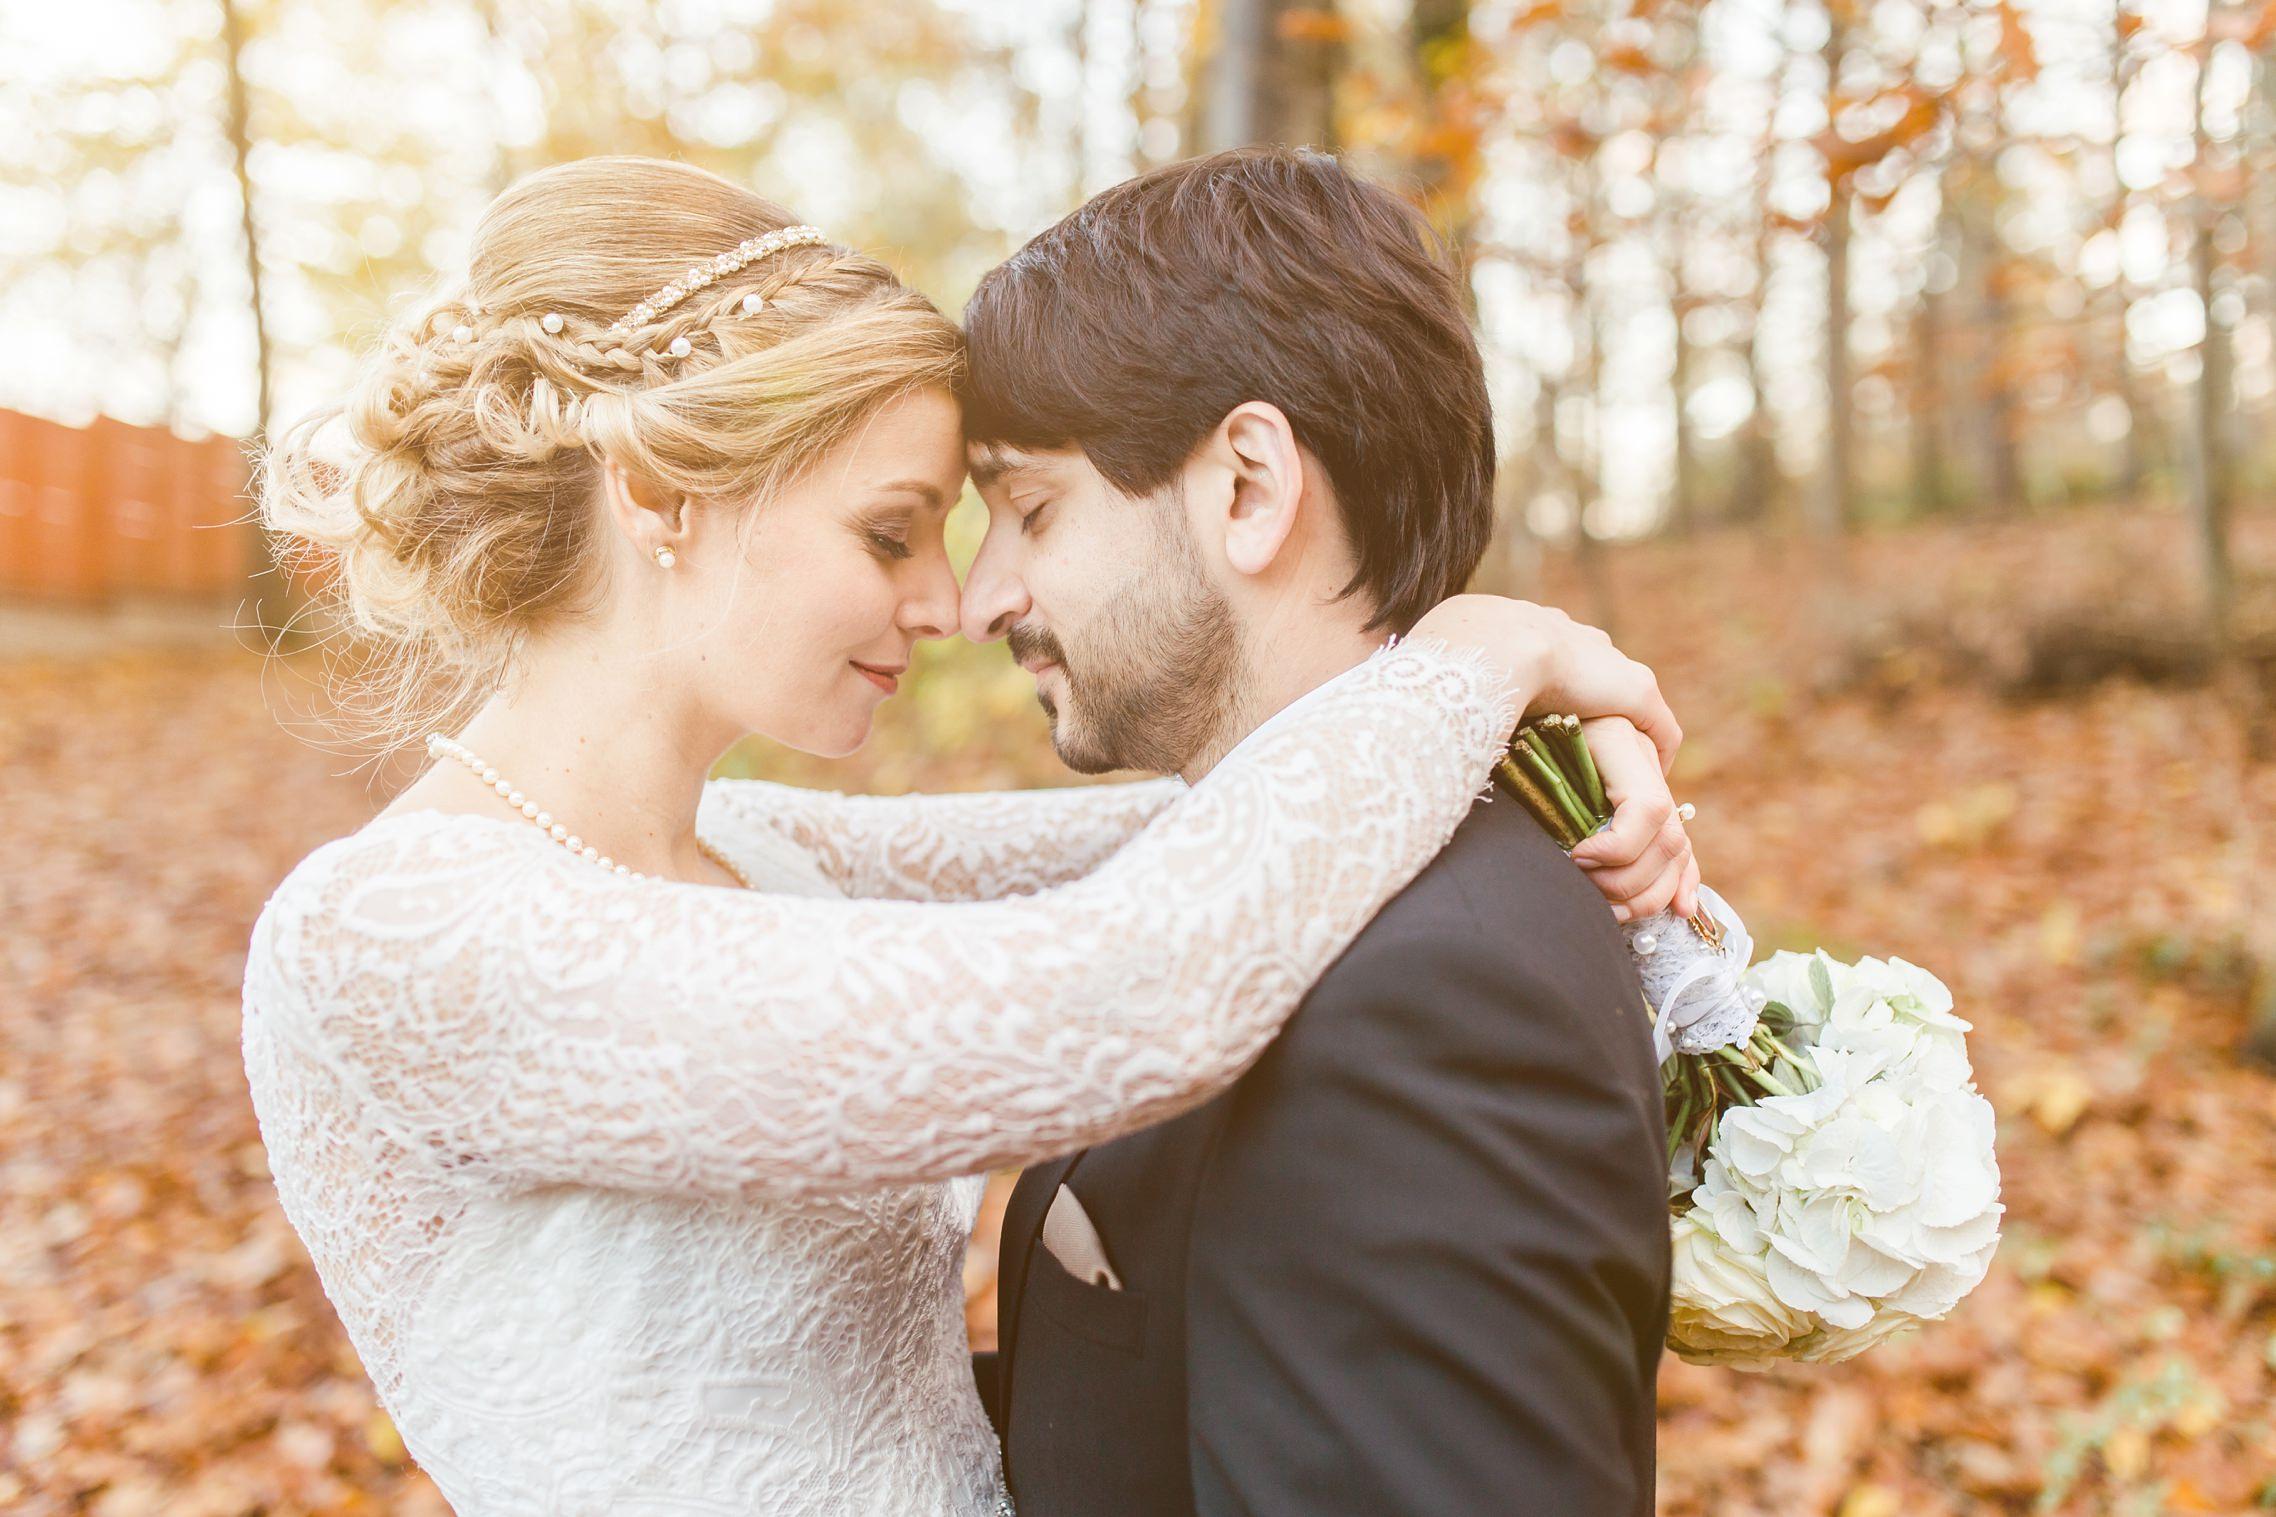 Verliebtes Brautpaar-Shooting mit herbstlichen warmen Farben